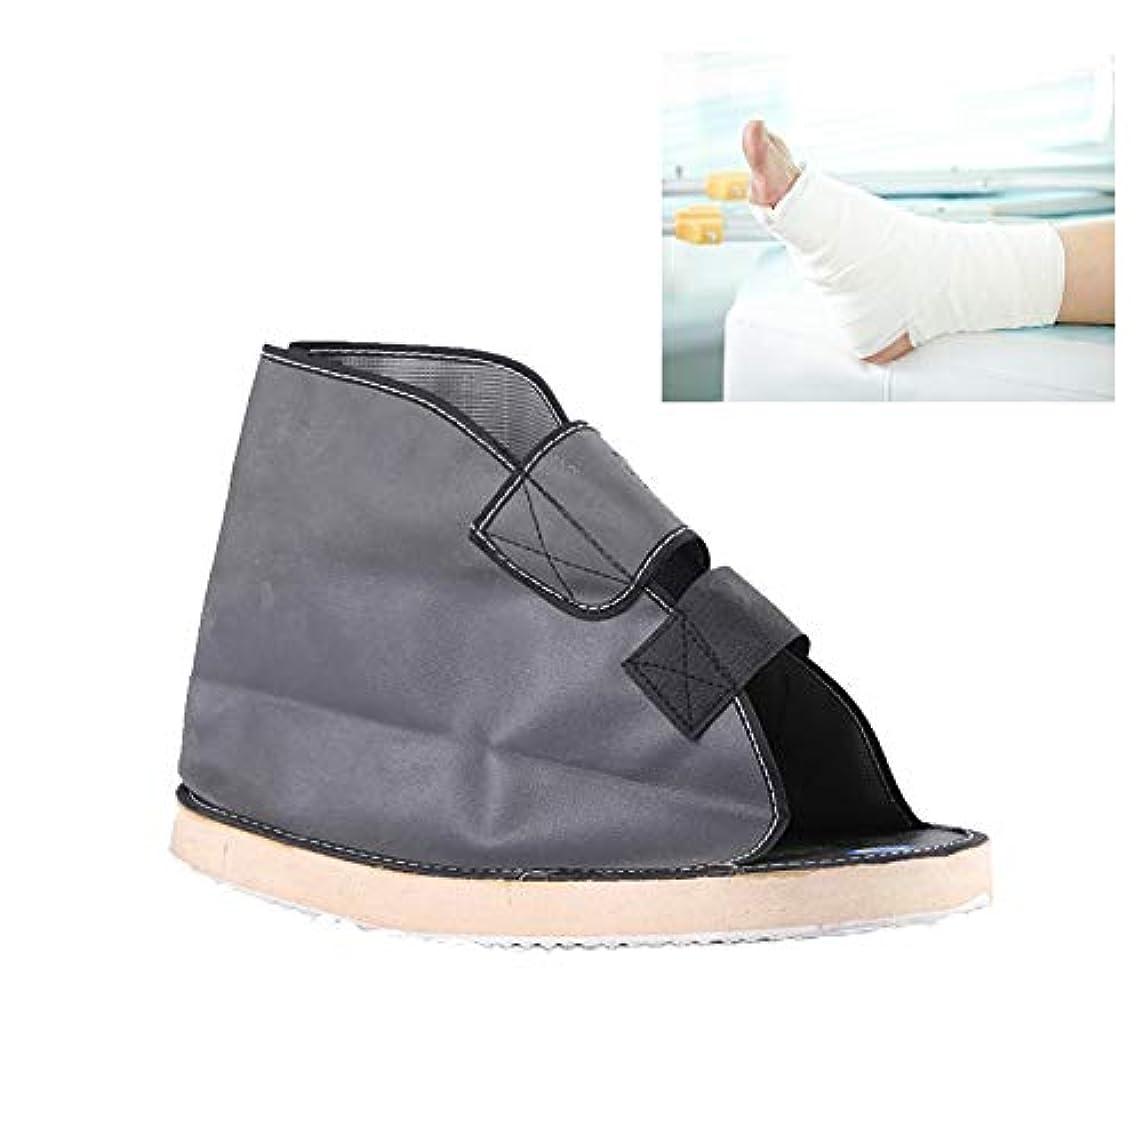 緊急着陸呼び出すキャスト医療靴術後医療ウォーキングブーツポスト傷害外科的骨折足ウォーキングシューズヒーリングリハビリ石膏靴,L1pc